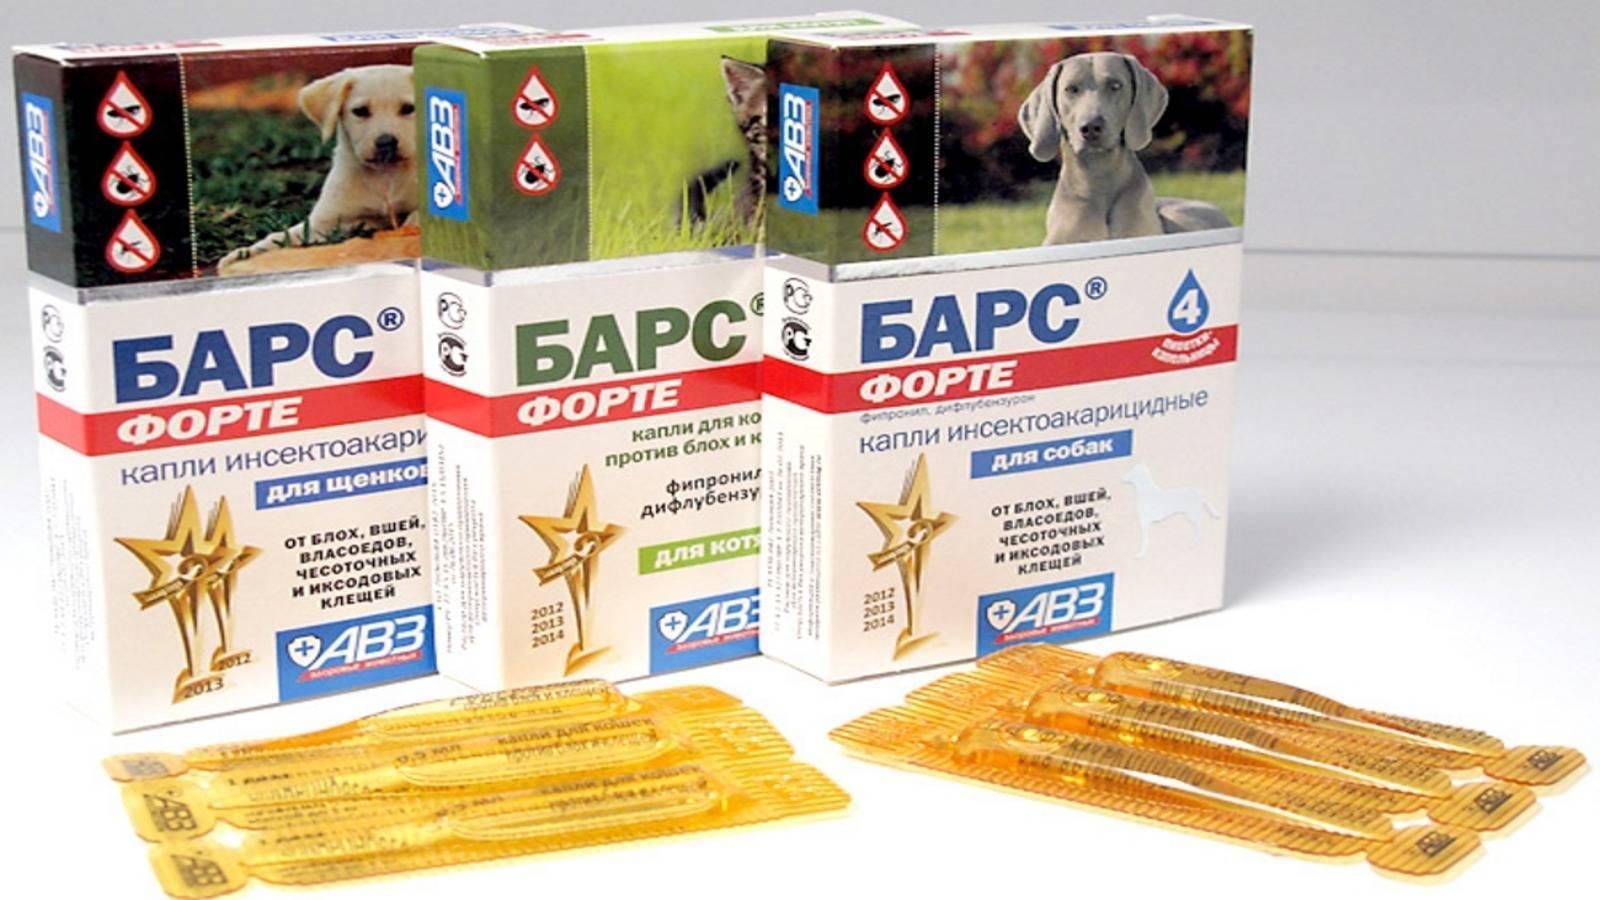 Капли барс от клещей и блох у кошек и собак: обзор и советы по использованию